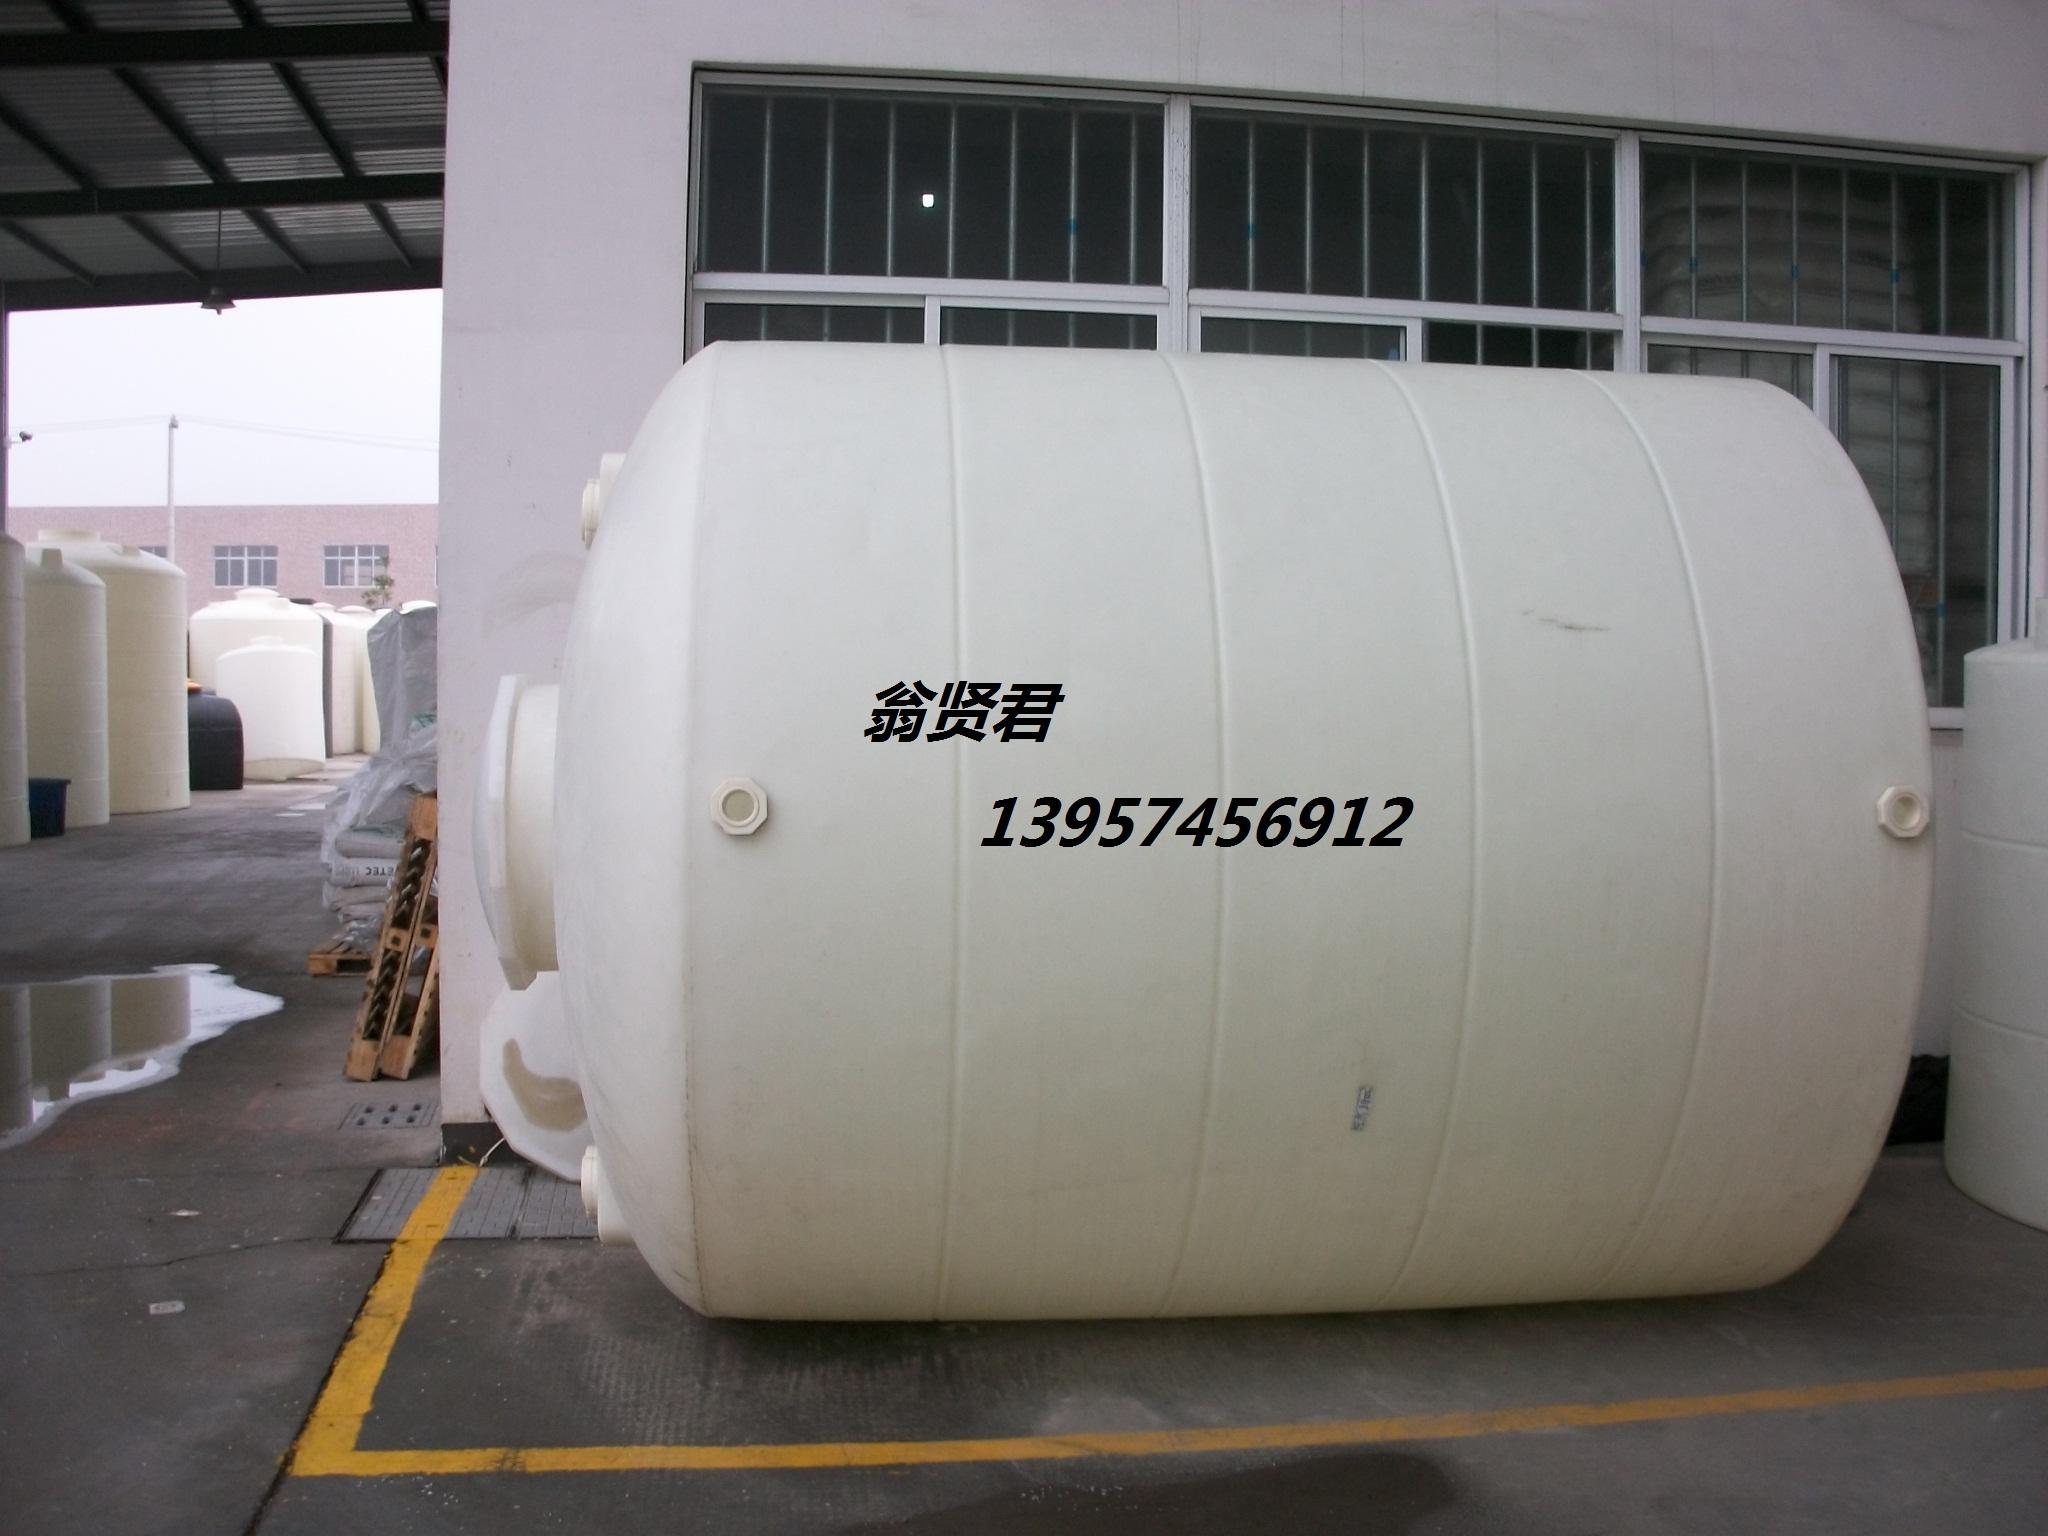 供应塑料水箱, 塑料 水桶高清图片